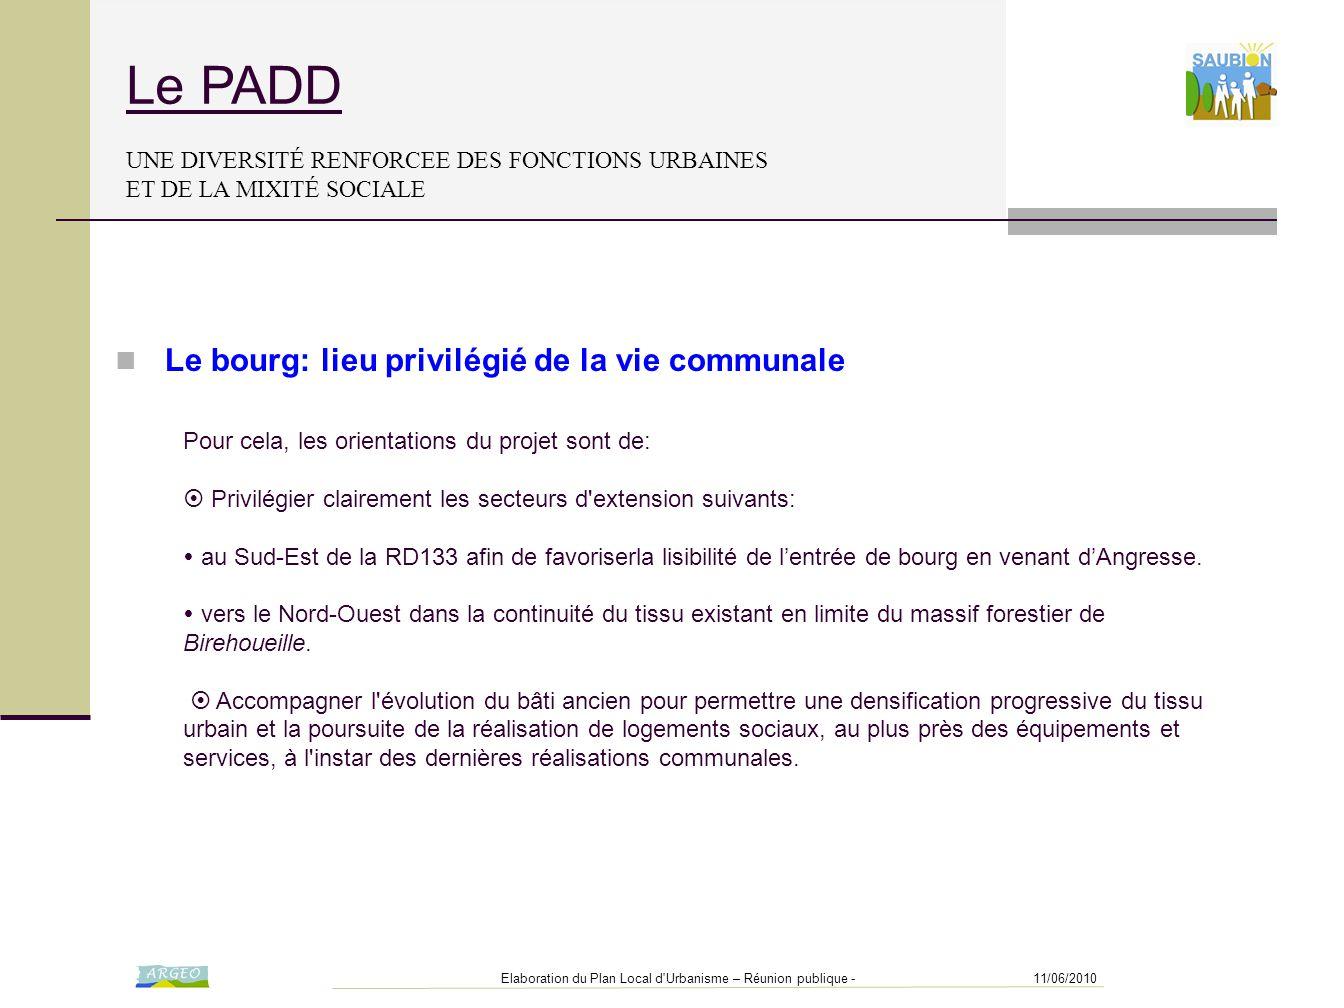 11/06/2010Elaboration du Plan Local d'Urbanisme – Réunion publique - Le PADD UNE DIVERSITÉ RENFORCEE DES FONCTIONS URBAINES ET DE LA MIXITÉ SOCIALE Po